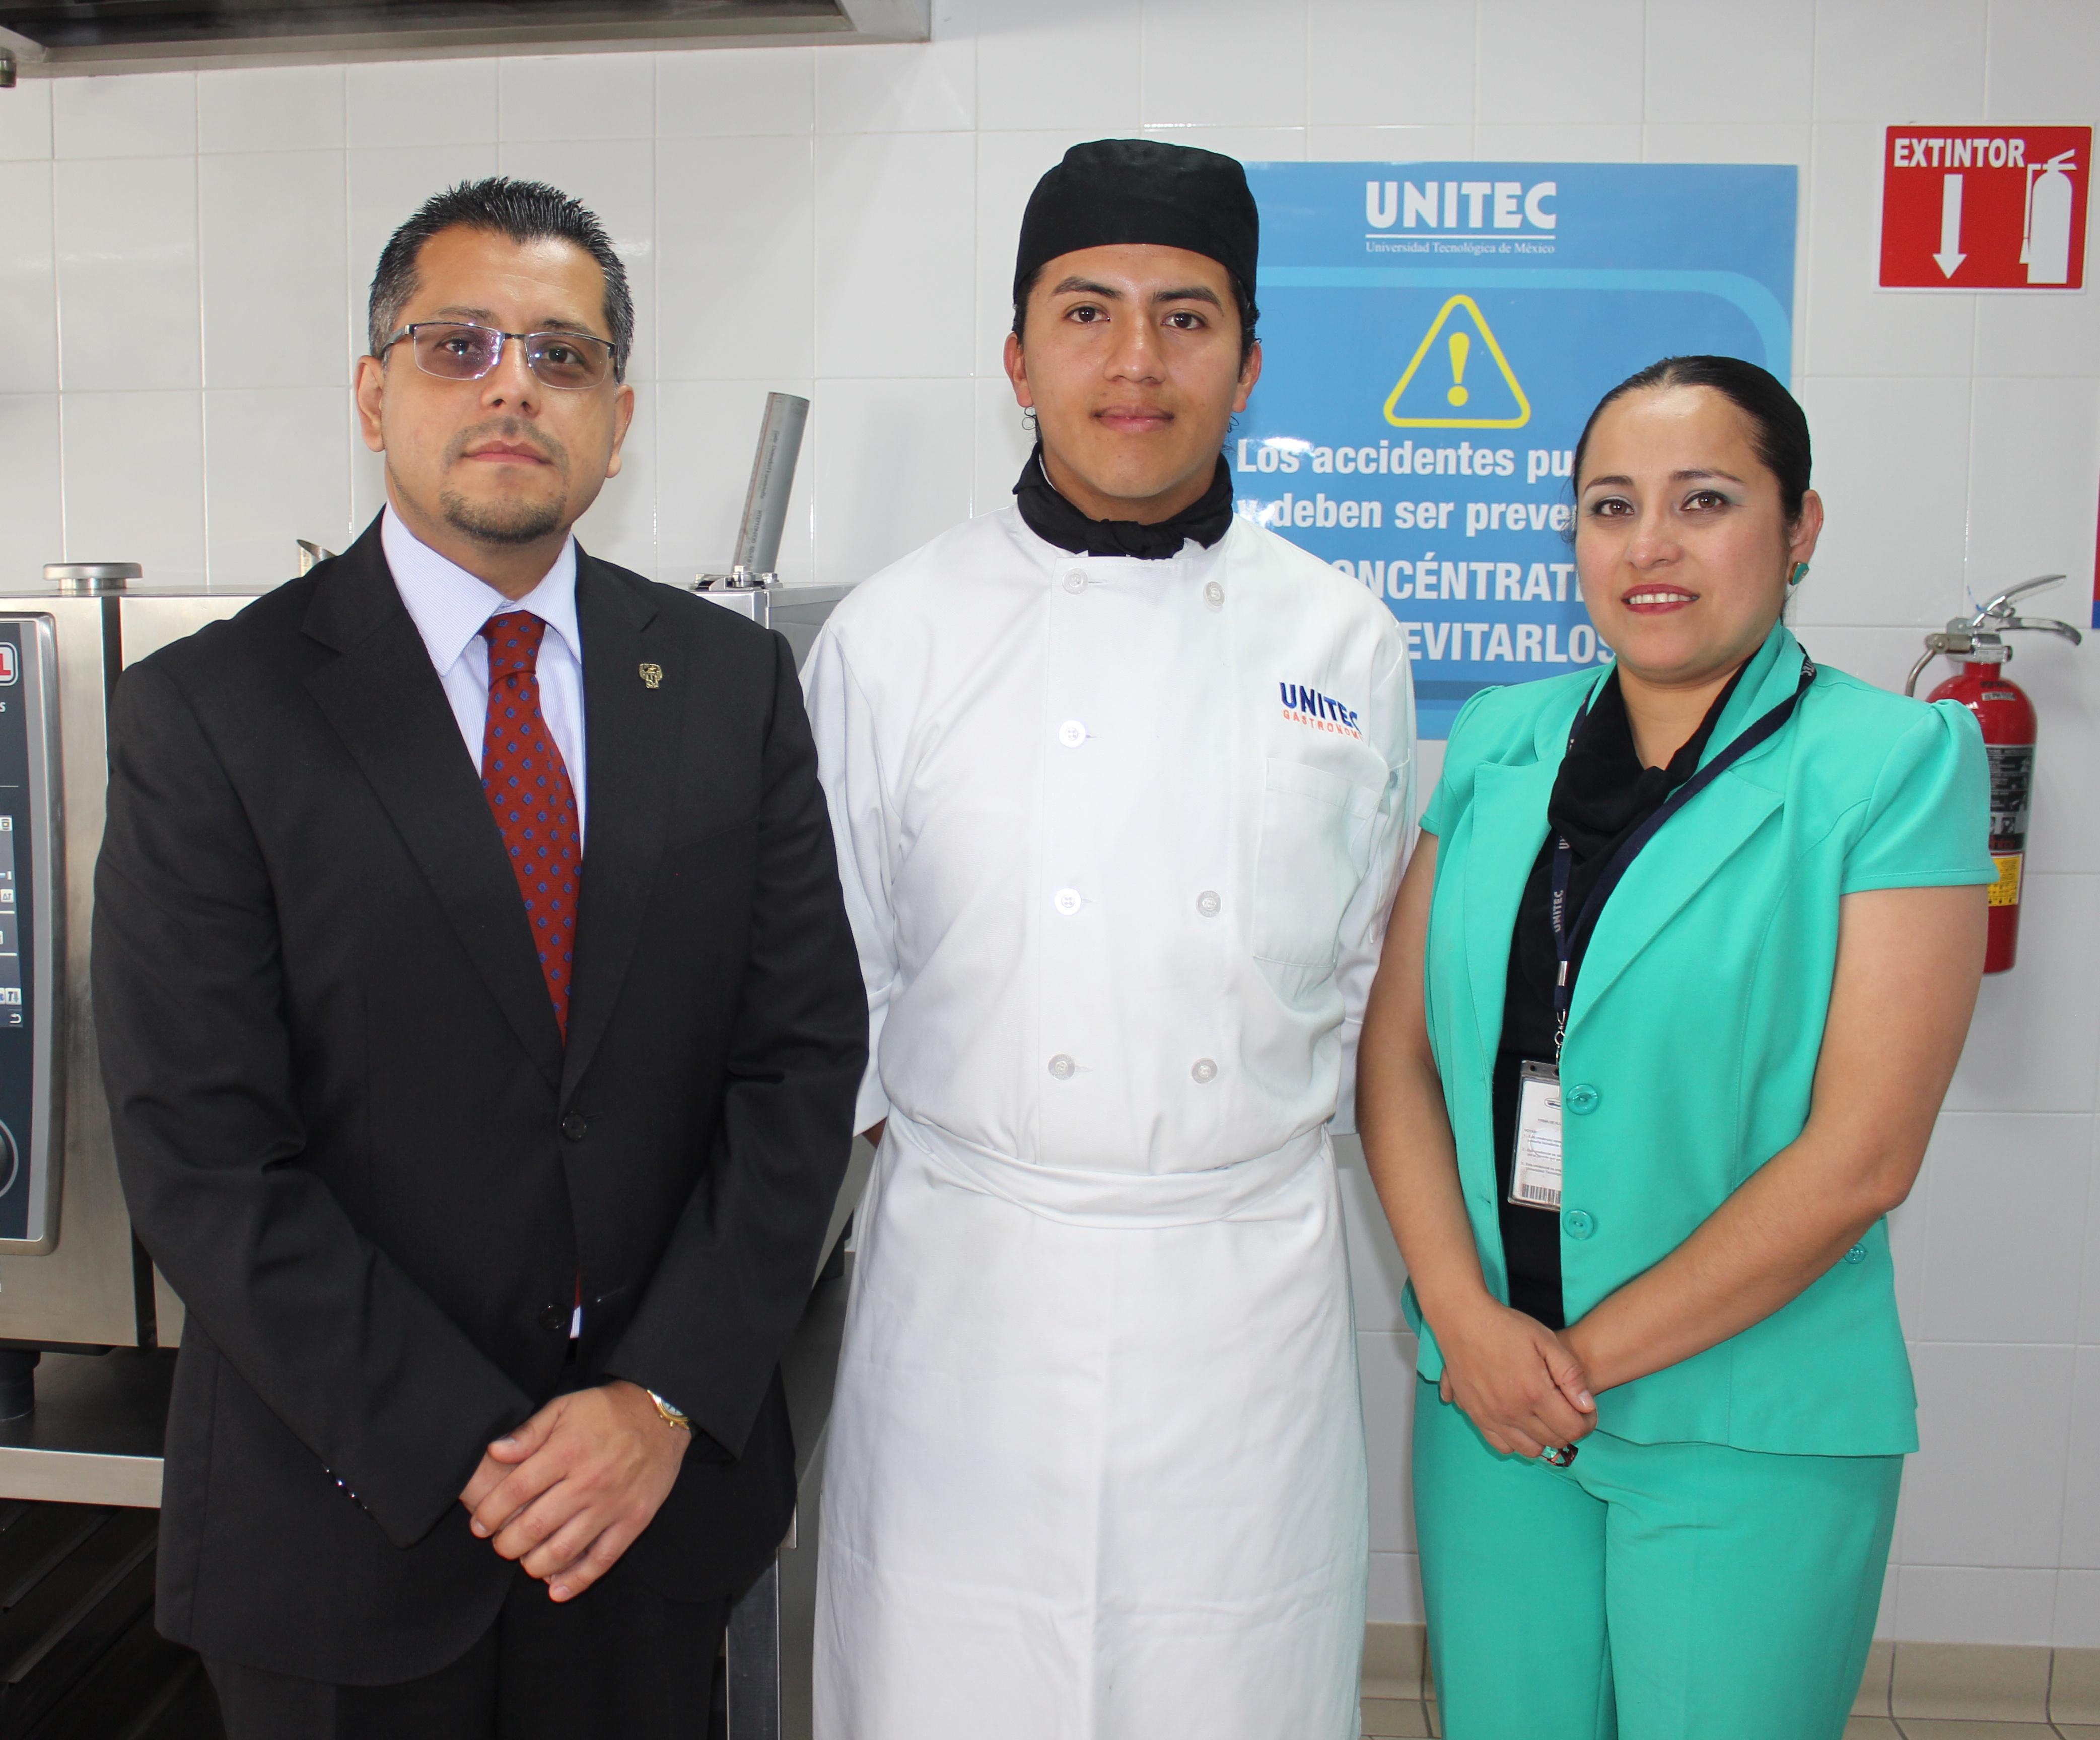 Estudiantes de Gastronomía ganadores de la Beca Richard Sandoval - Featured Image